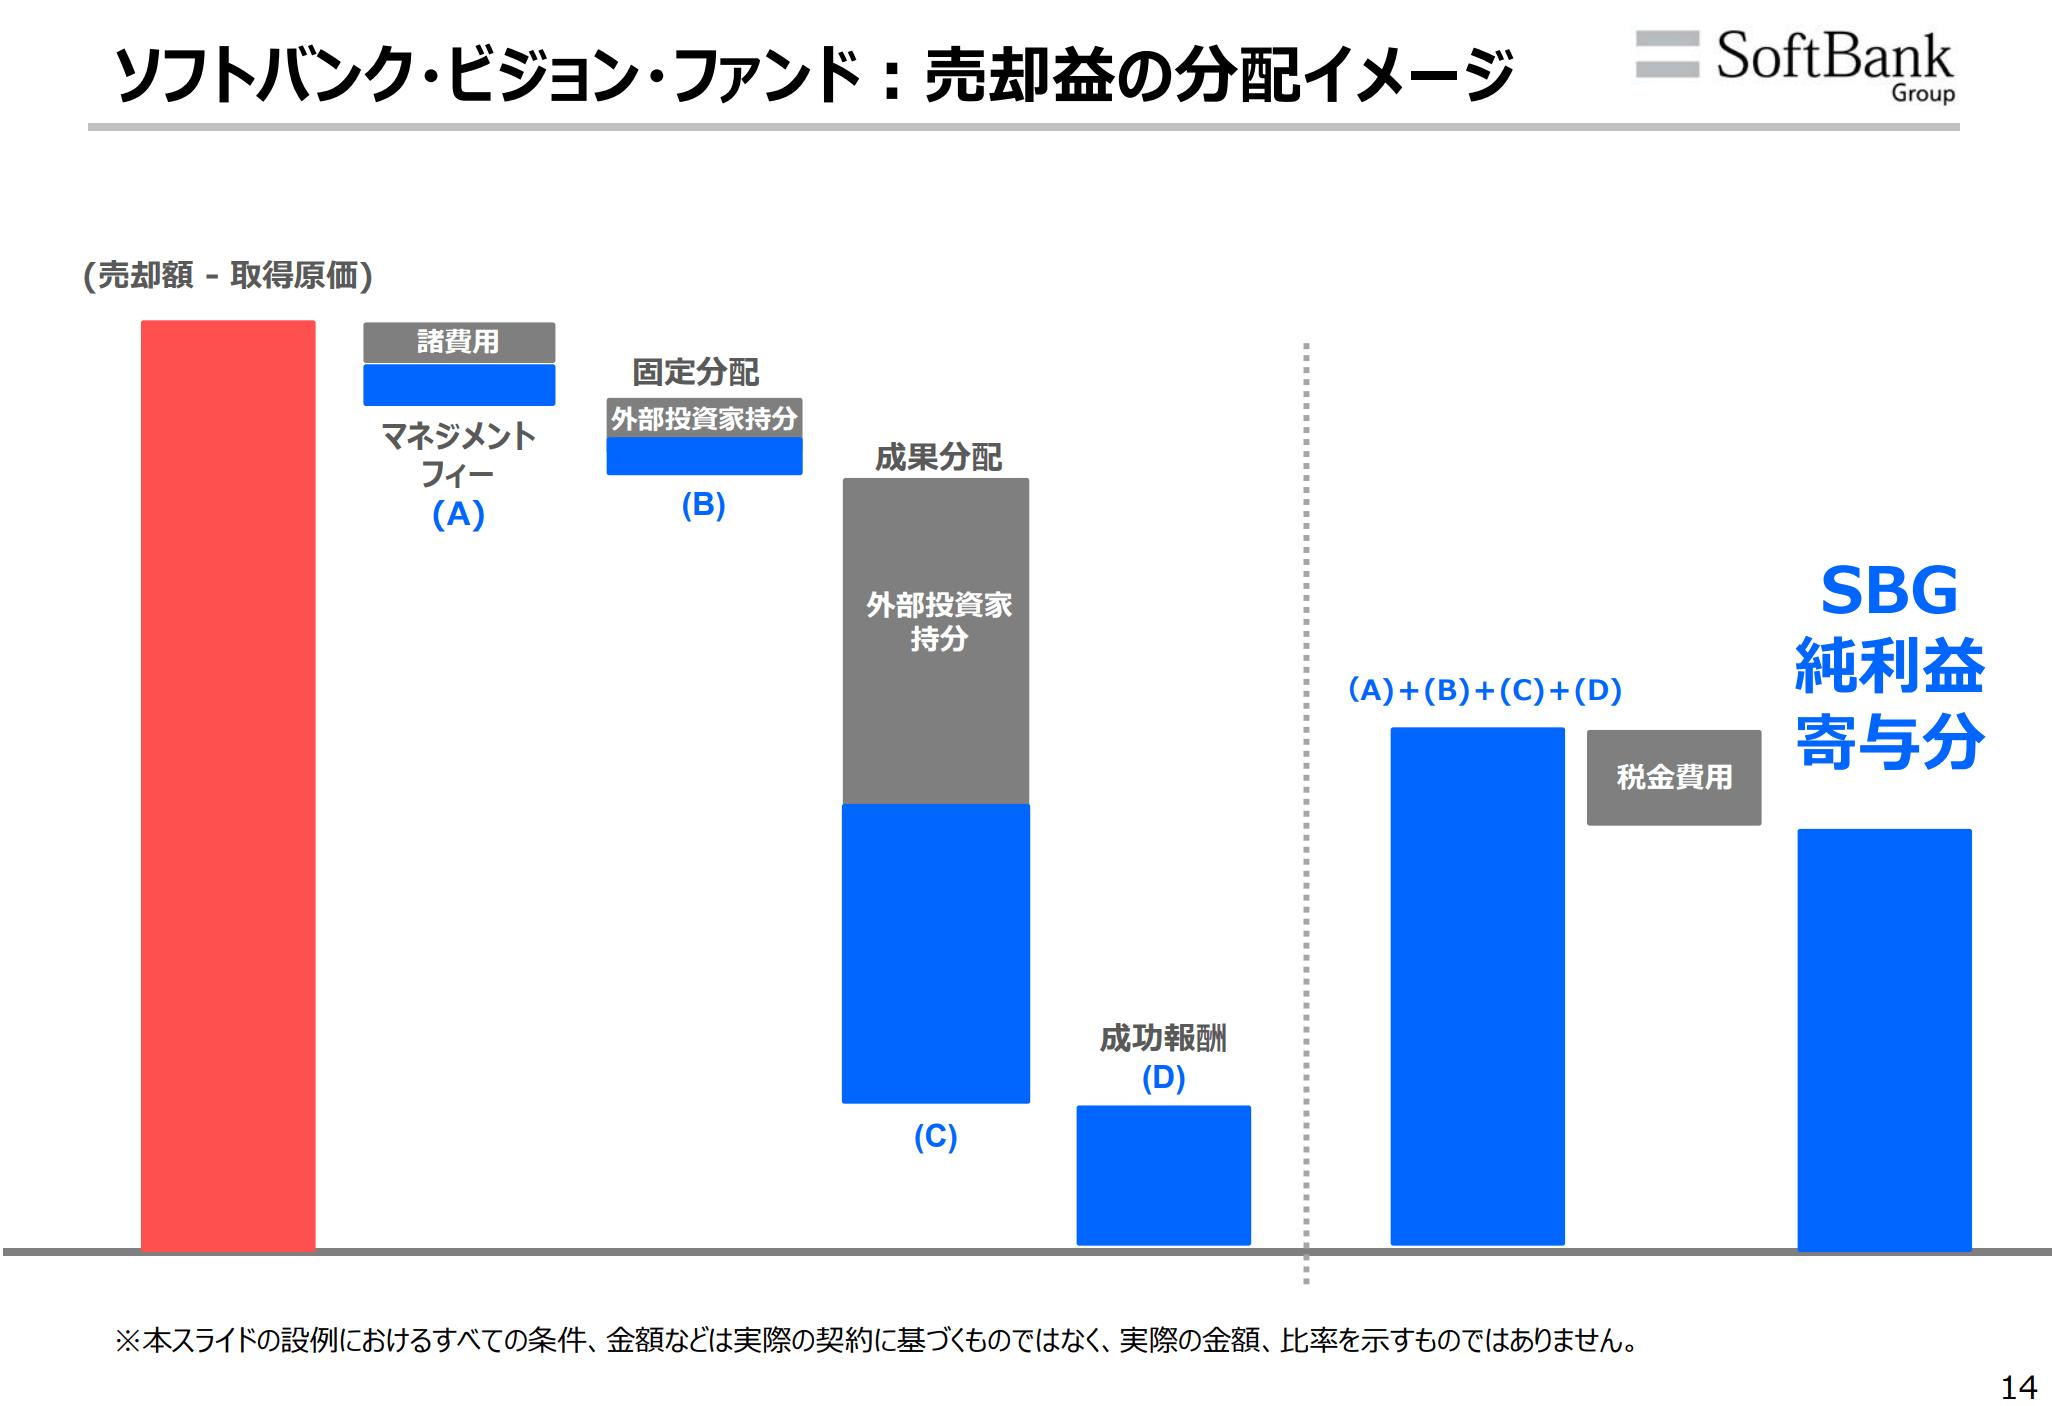 ソフトバンクビジョンファンドの出資先一覧と業績推移・損益まとめ4